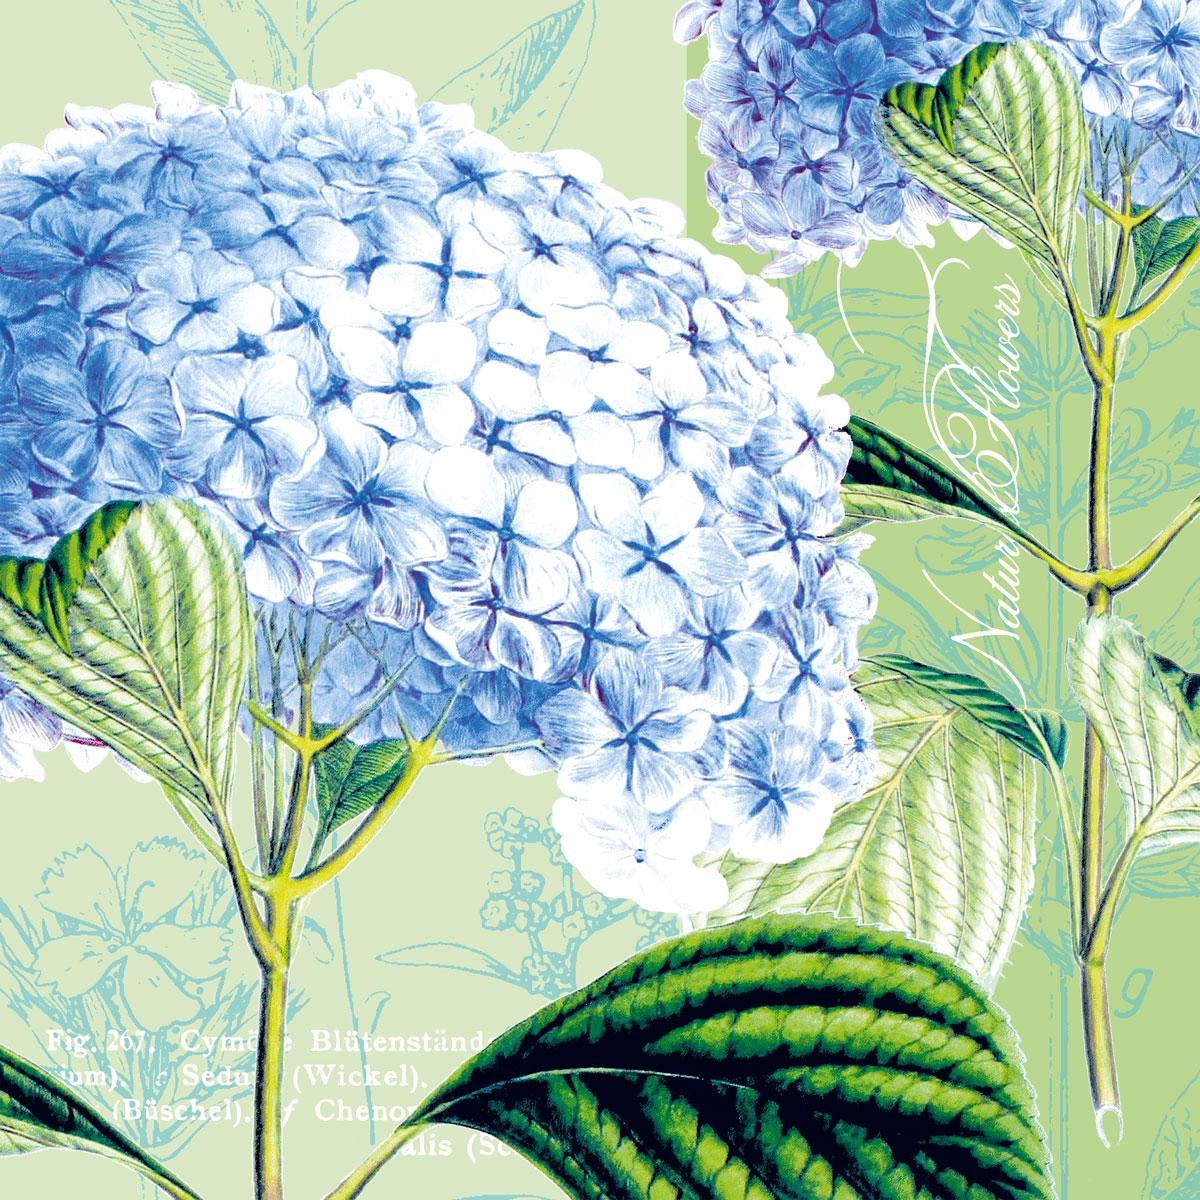 Lunch Servietten Hydrangea ,  Blumen -  Sonstige,  Everyday,  lunchservietten,  Hortensien